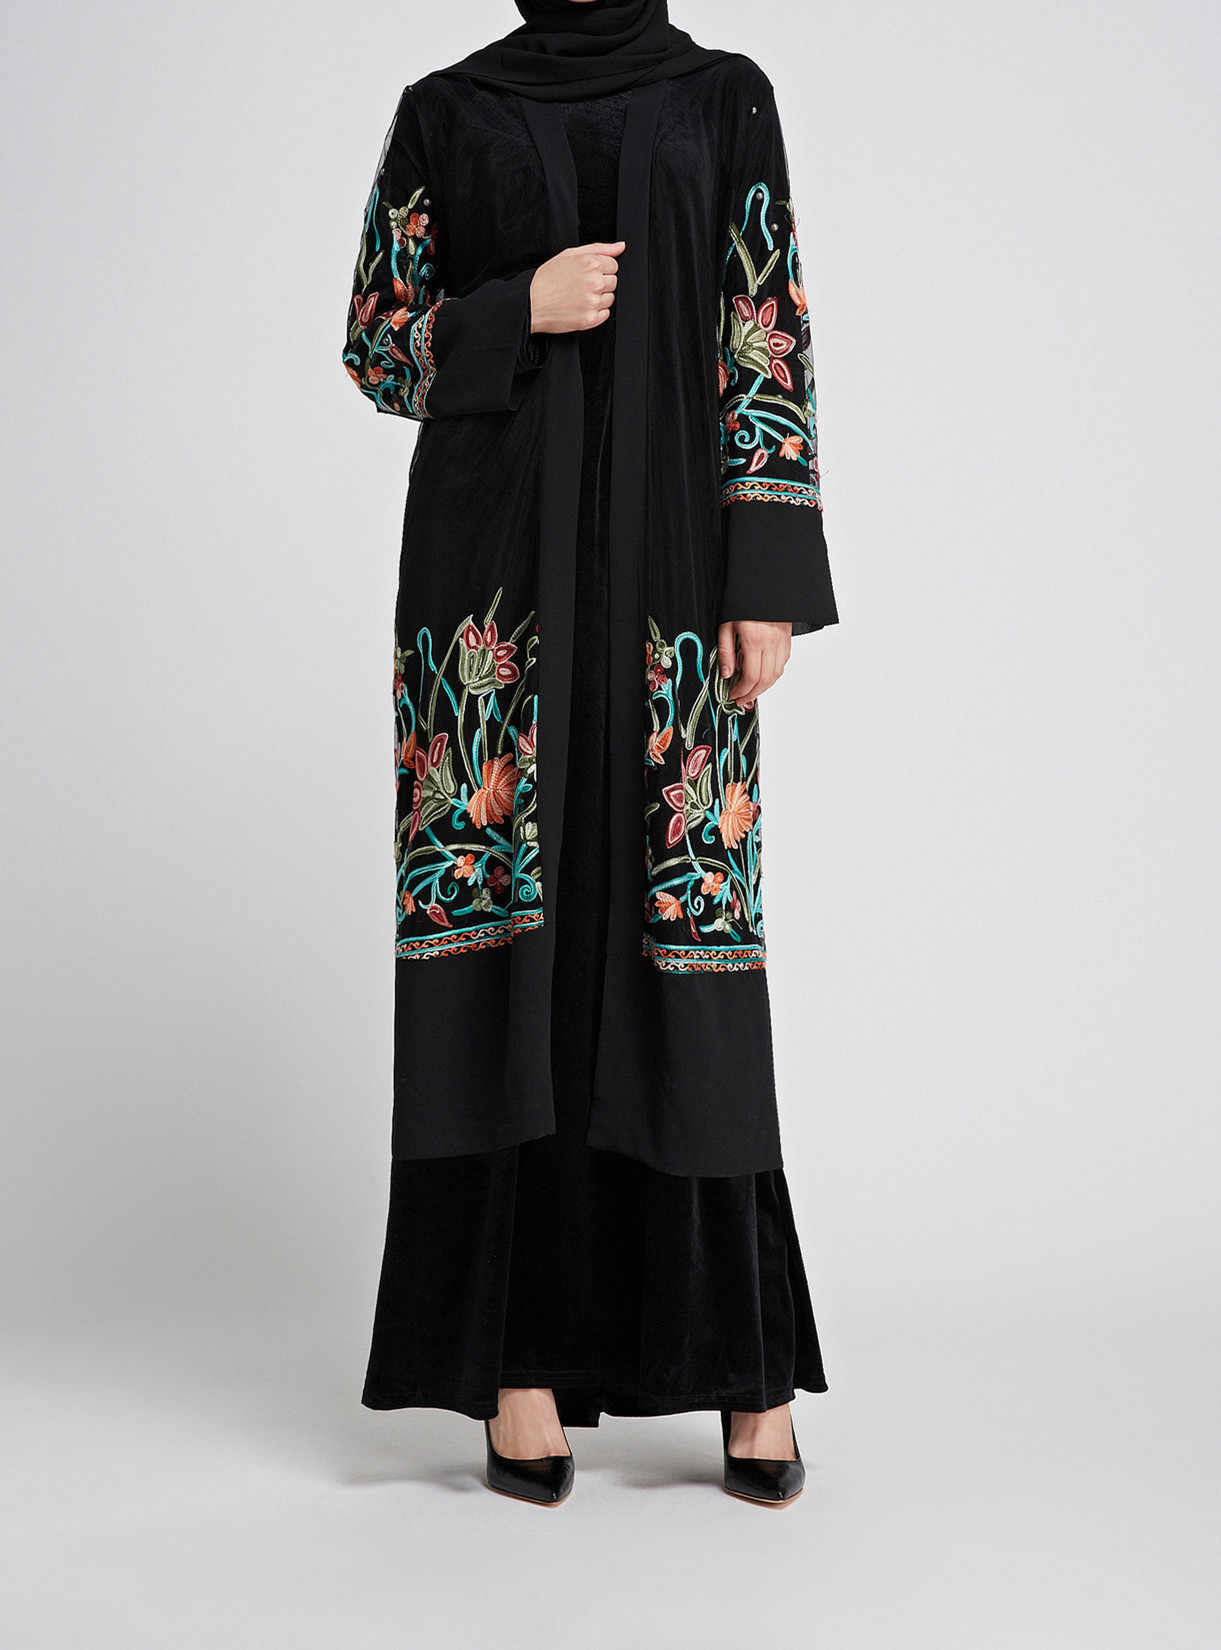 ムスリムアバヤドレス女性 jilbab 刺繍レース jubah ローブ花 elbise トルコモロッコカフタン着物カフタンイスラム服